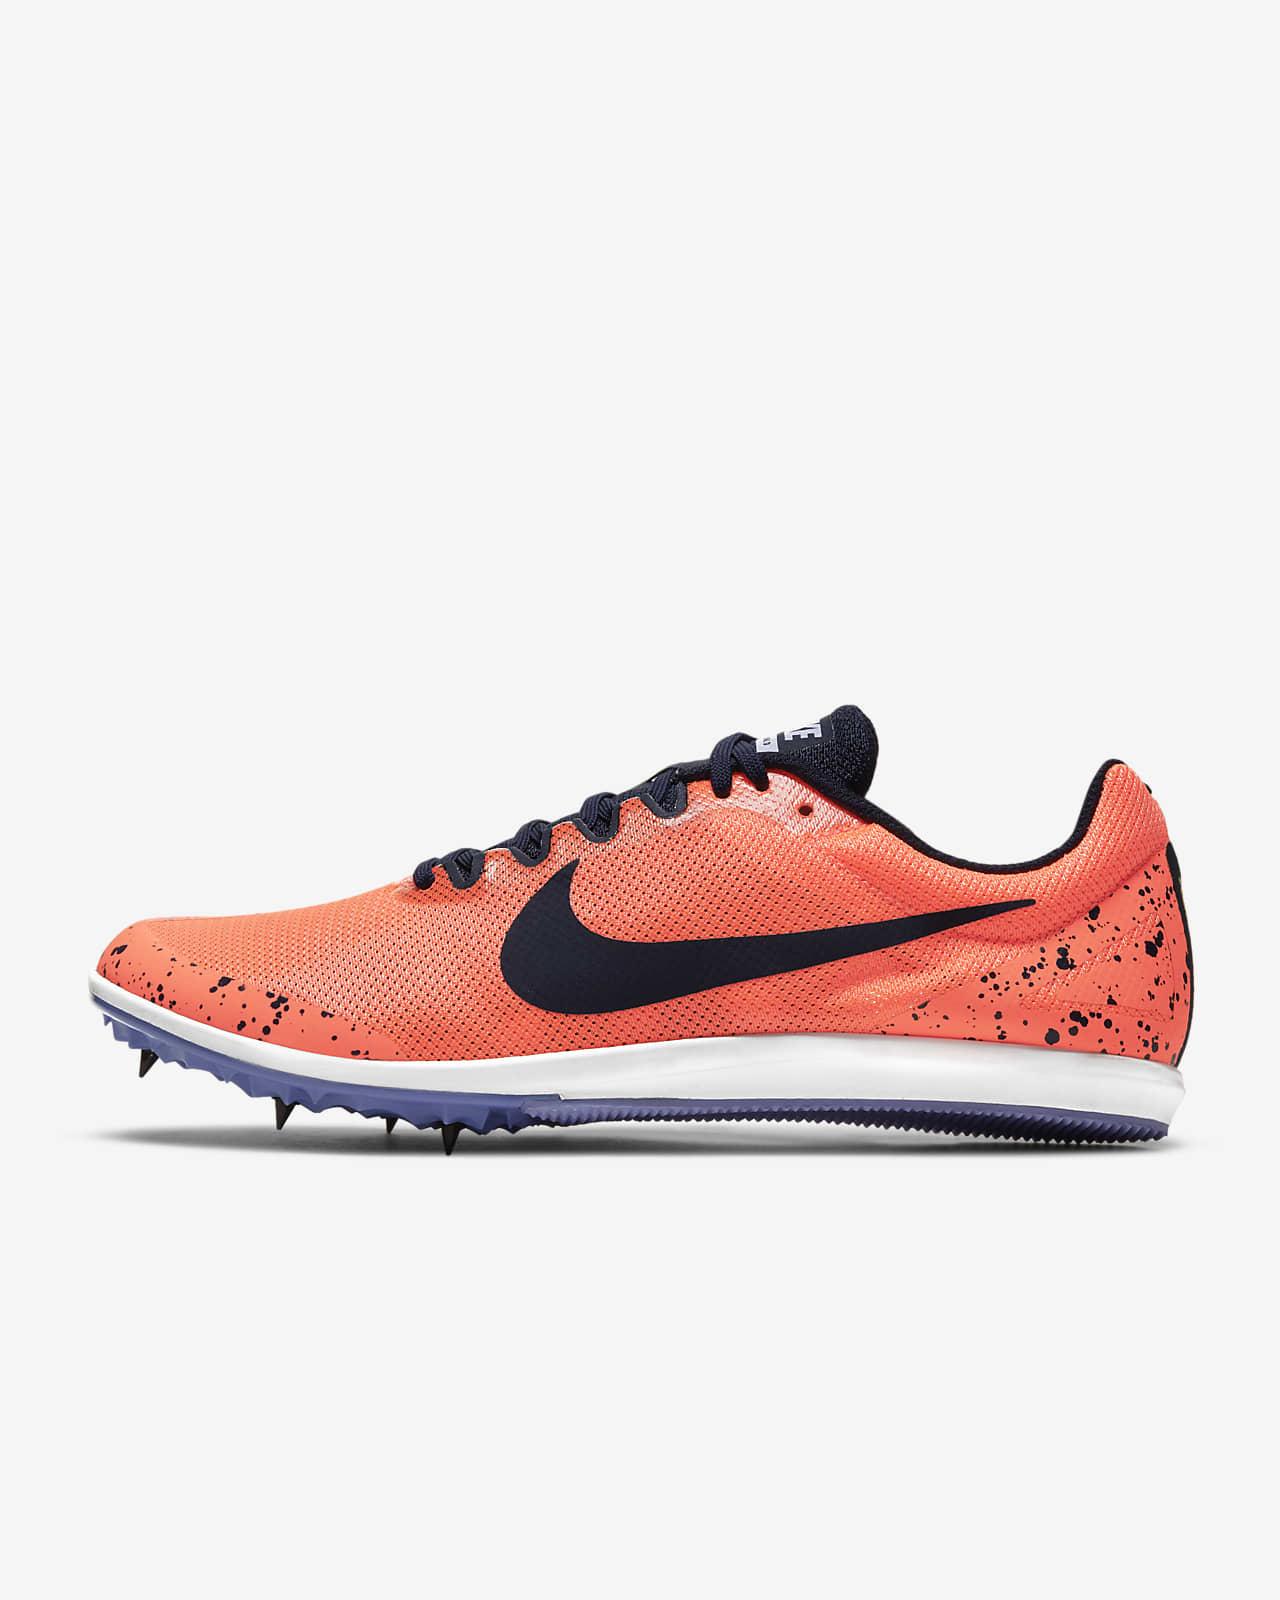 Nike Zoom Rival D 10 Atletizm Uzun Mesafe Ayakkabısı